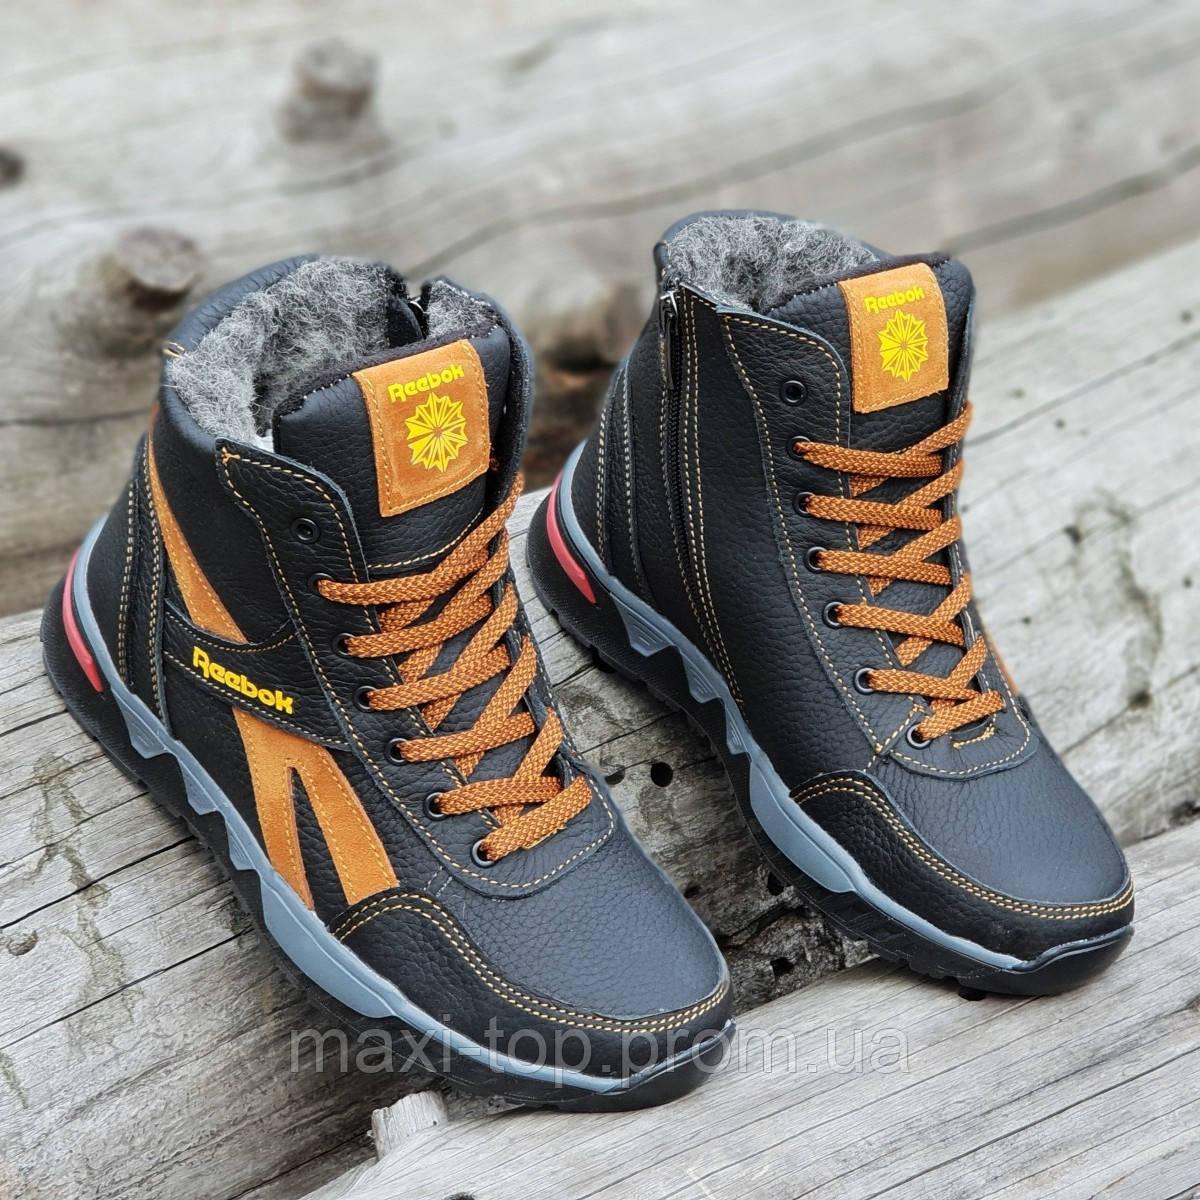 4496ff1d7713 Подростковые зимние высокие кожаные кроссовки ботинки Reebok рибок реплика  мужские черные мех (Код  М1256a